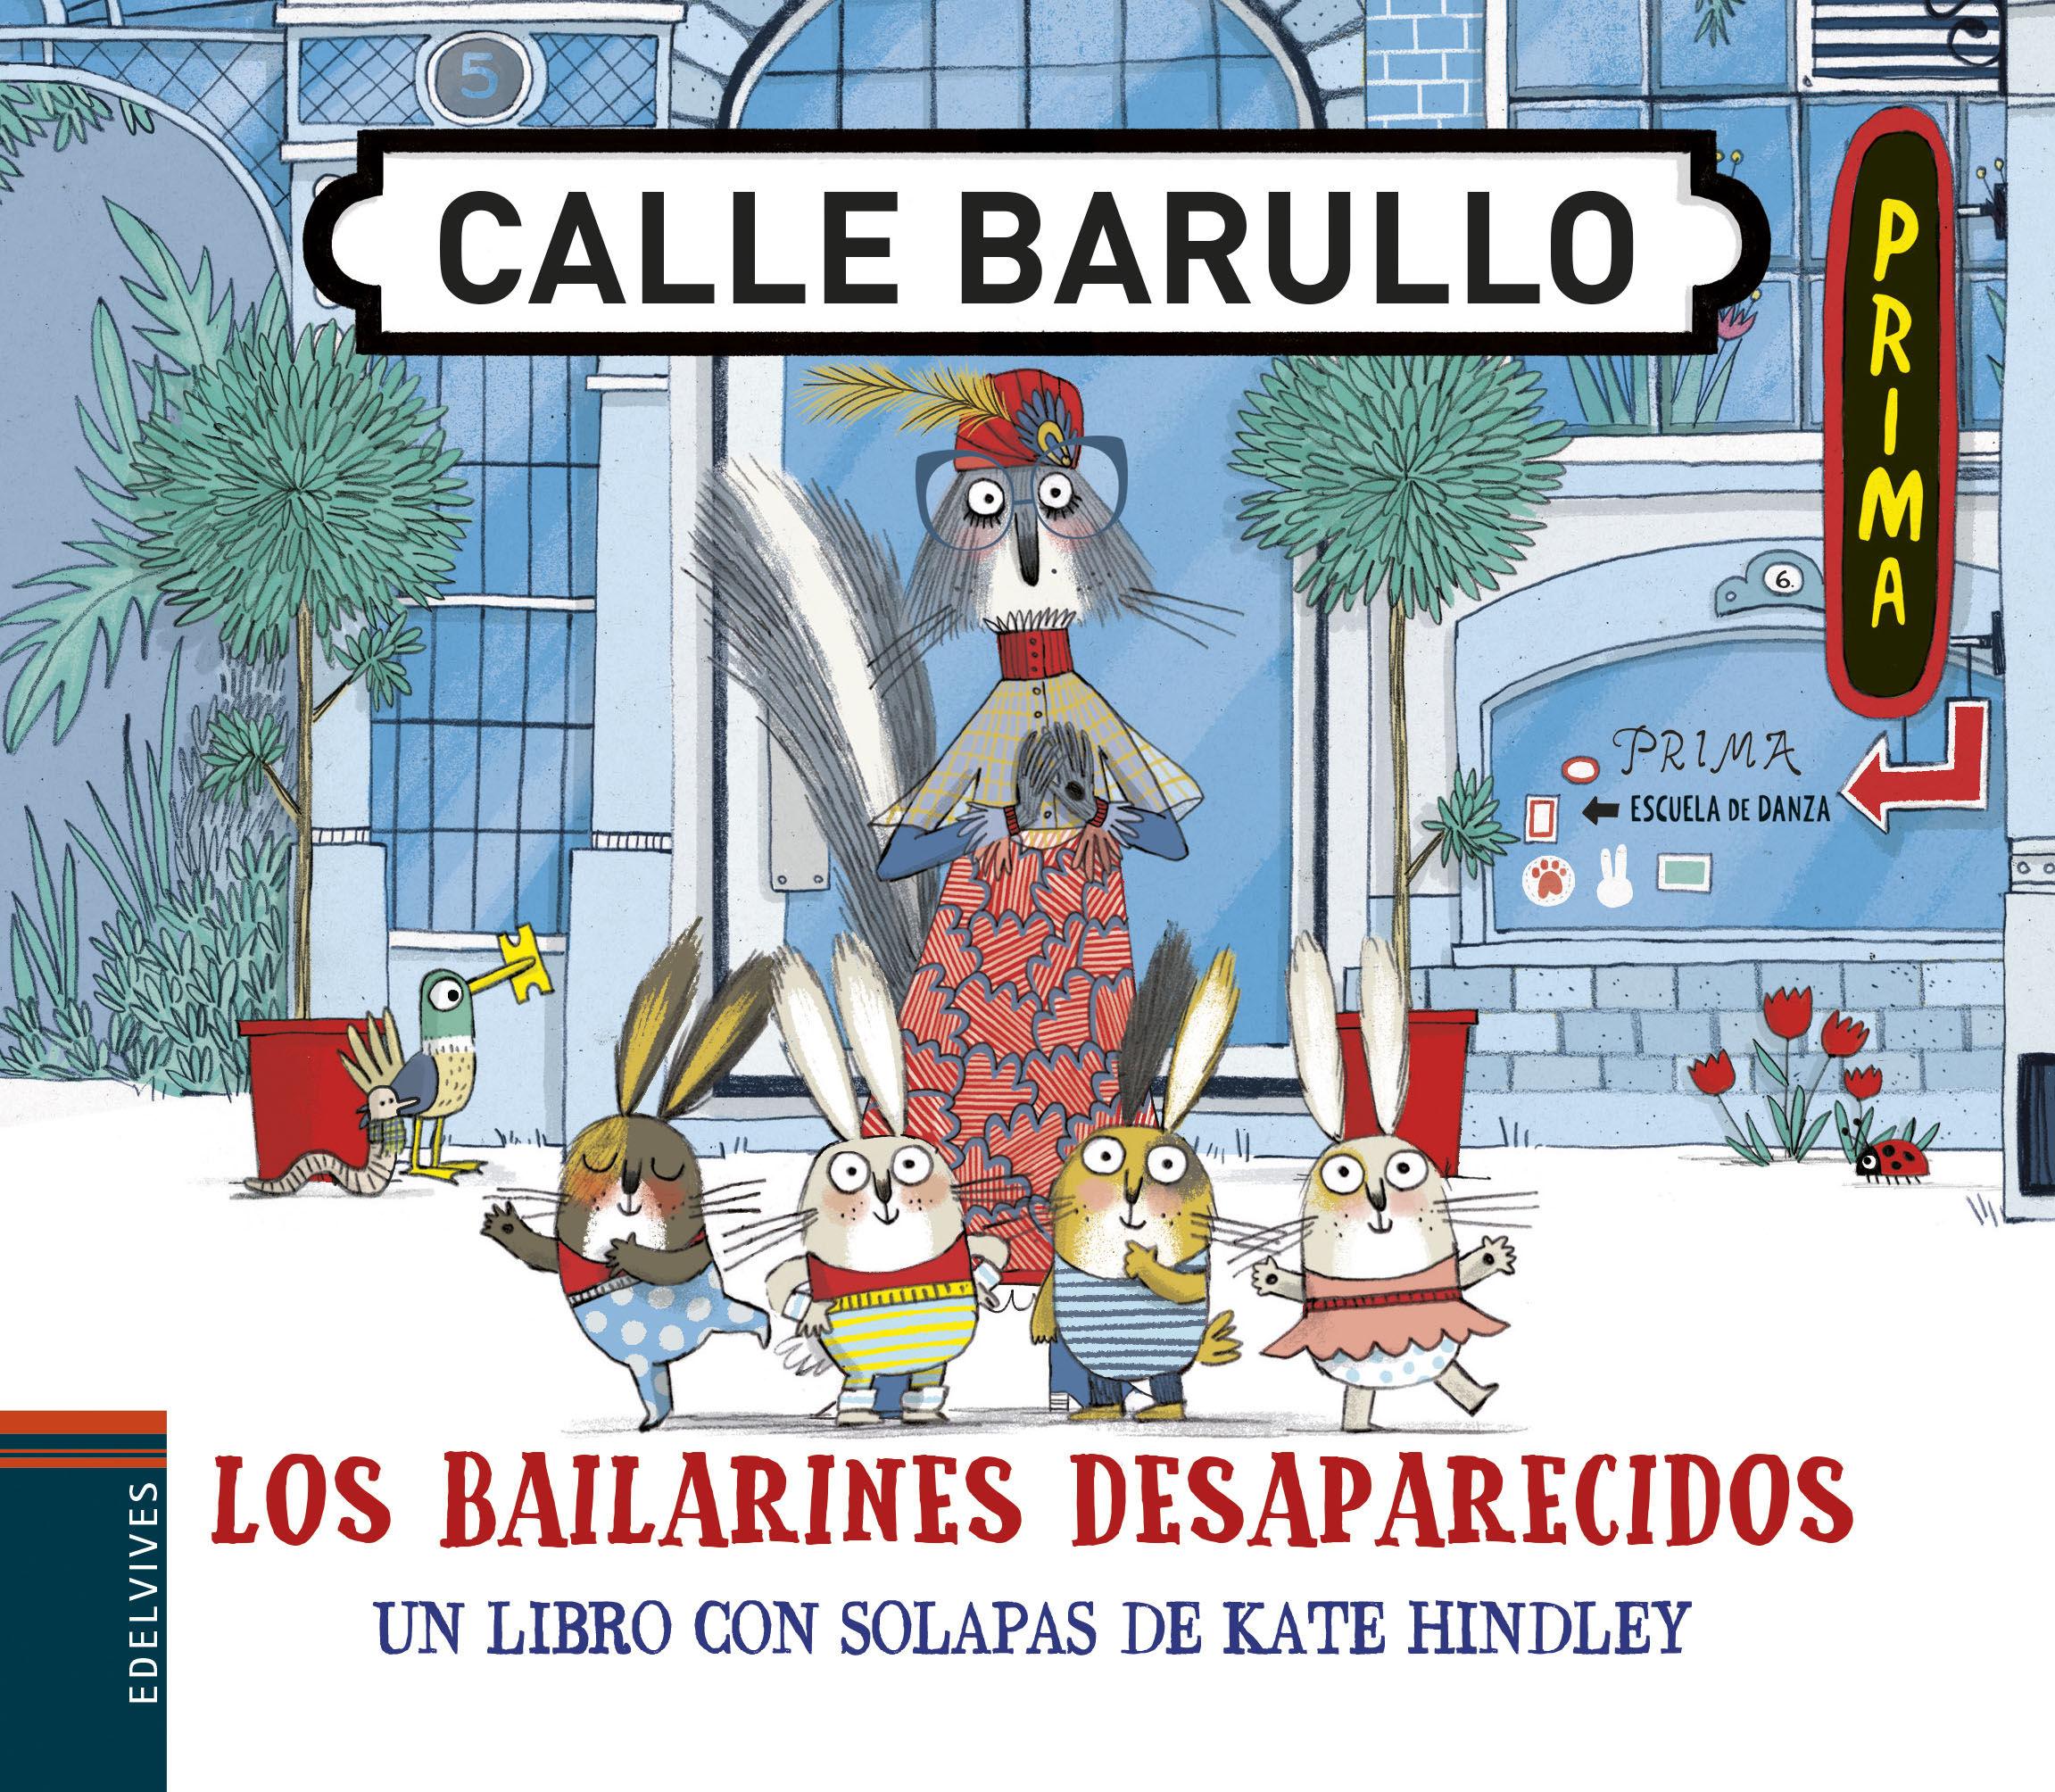 BAILARINES DESAPARECIDOS LOS